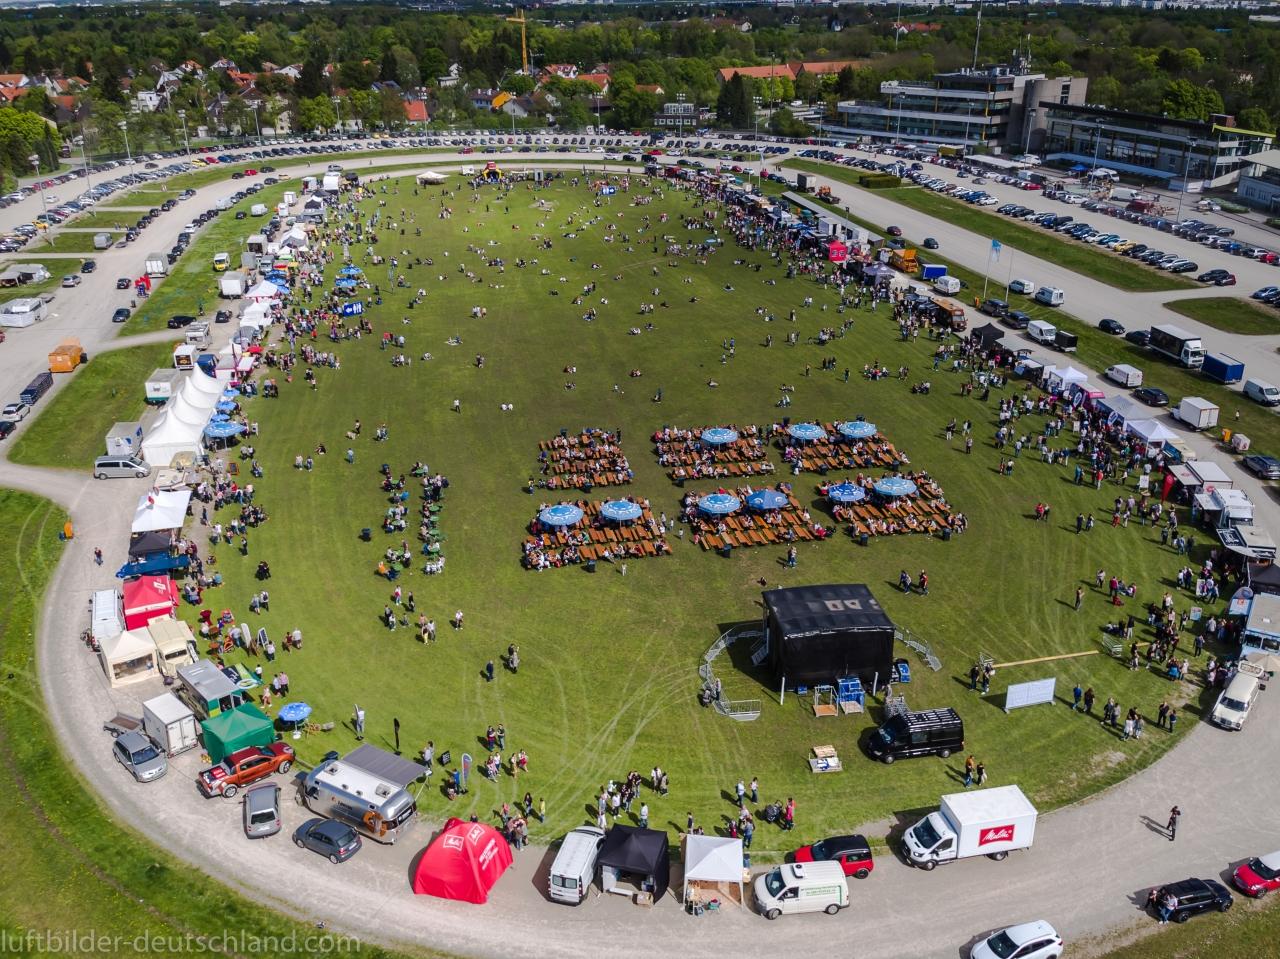 Foodtruck Festival München Luftbild, luftbilder-deutschland.com